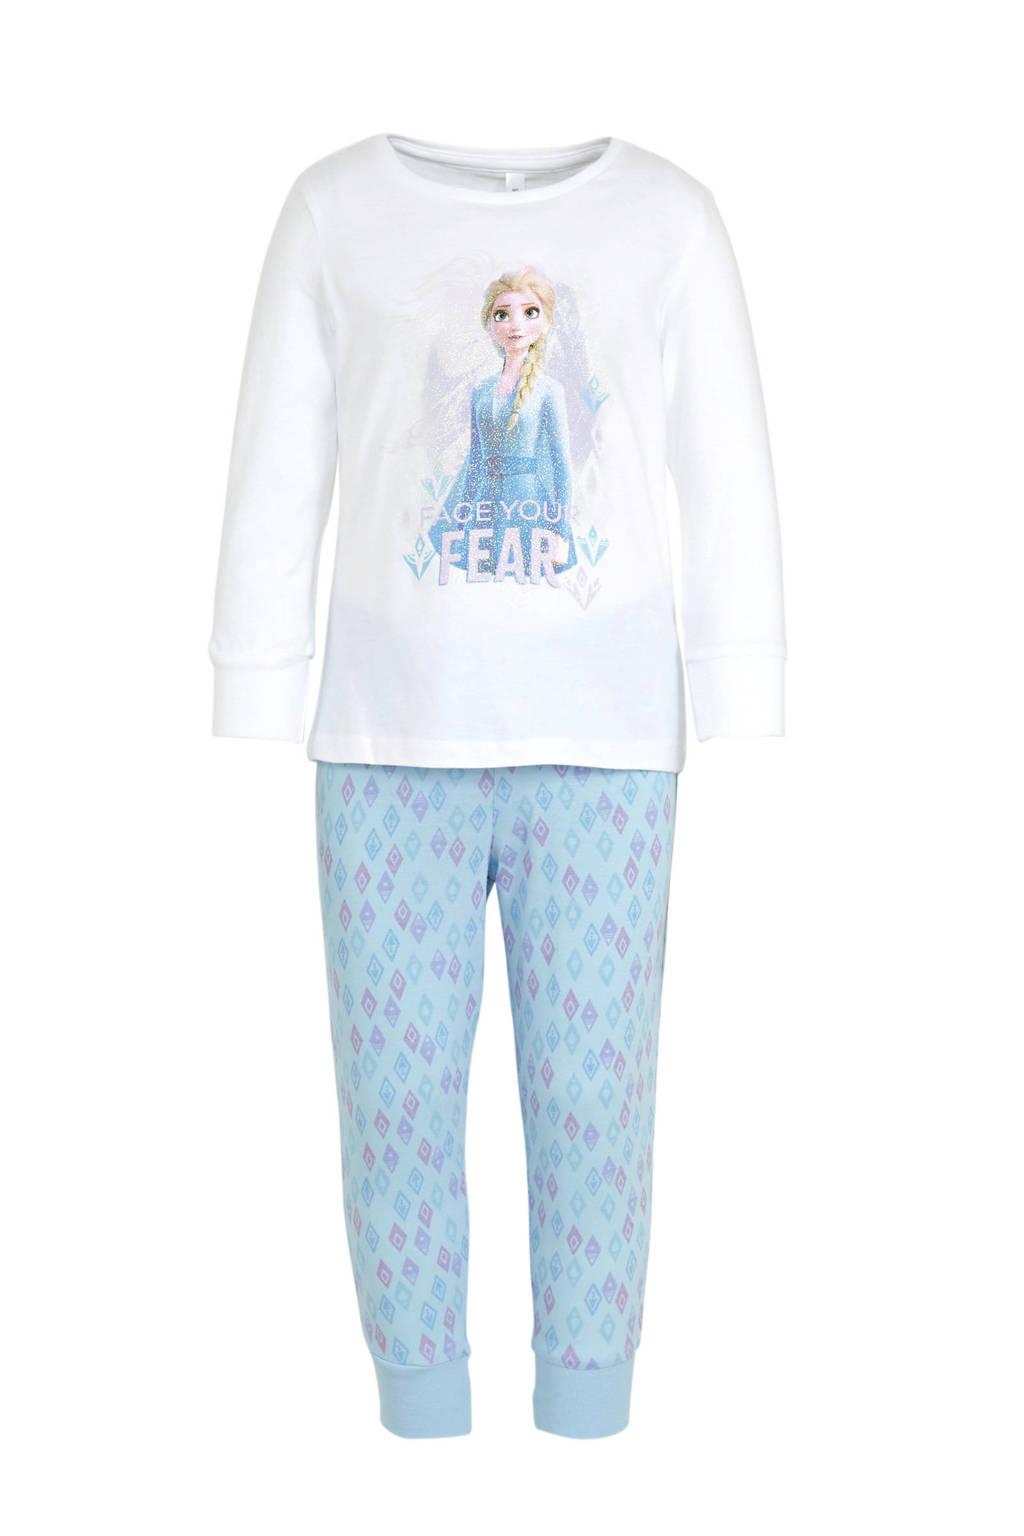 C&A pyjama Frozen wit/blauw, Wit/blauw